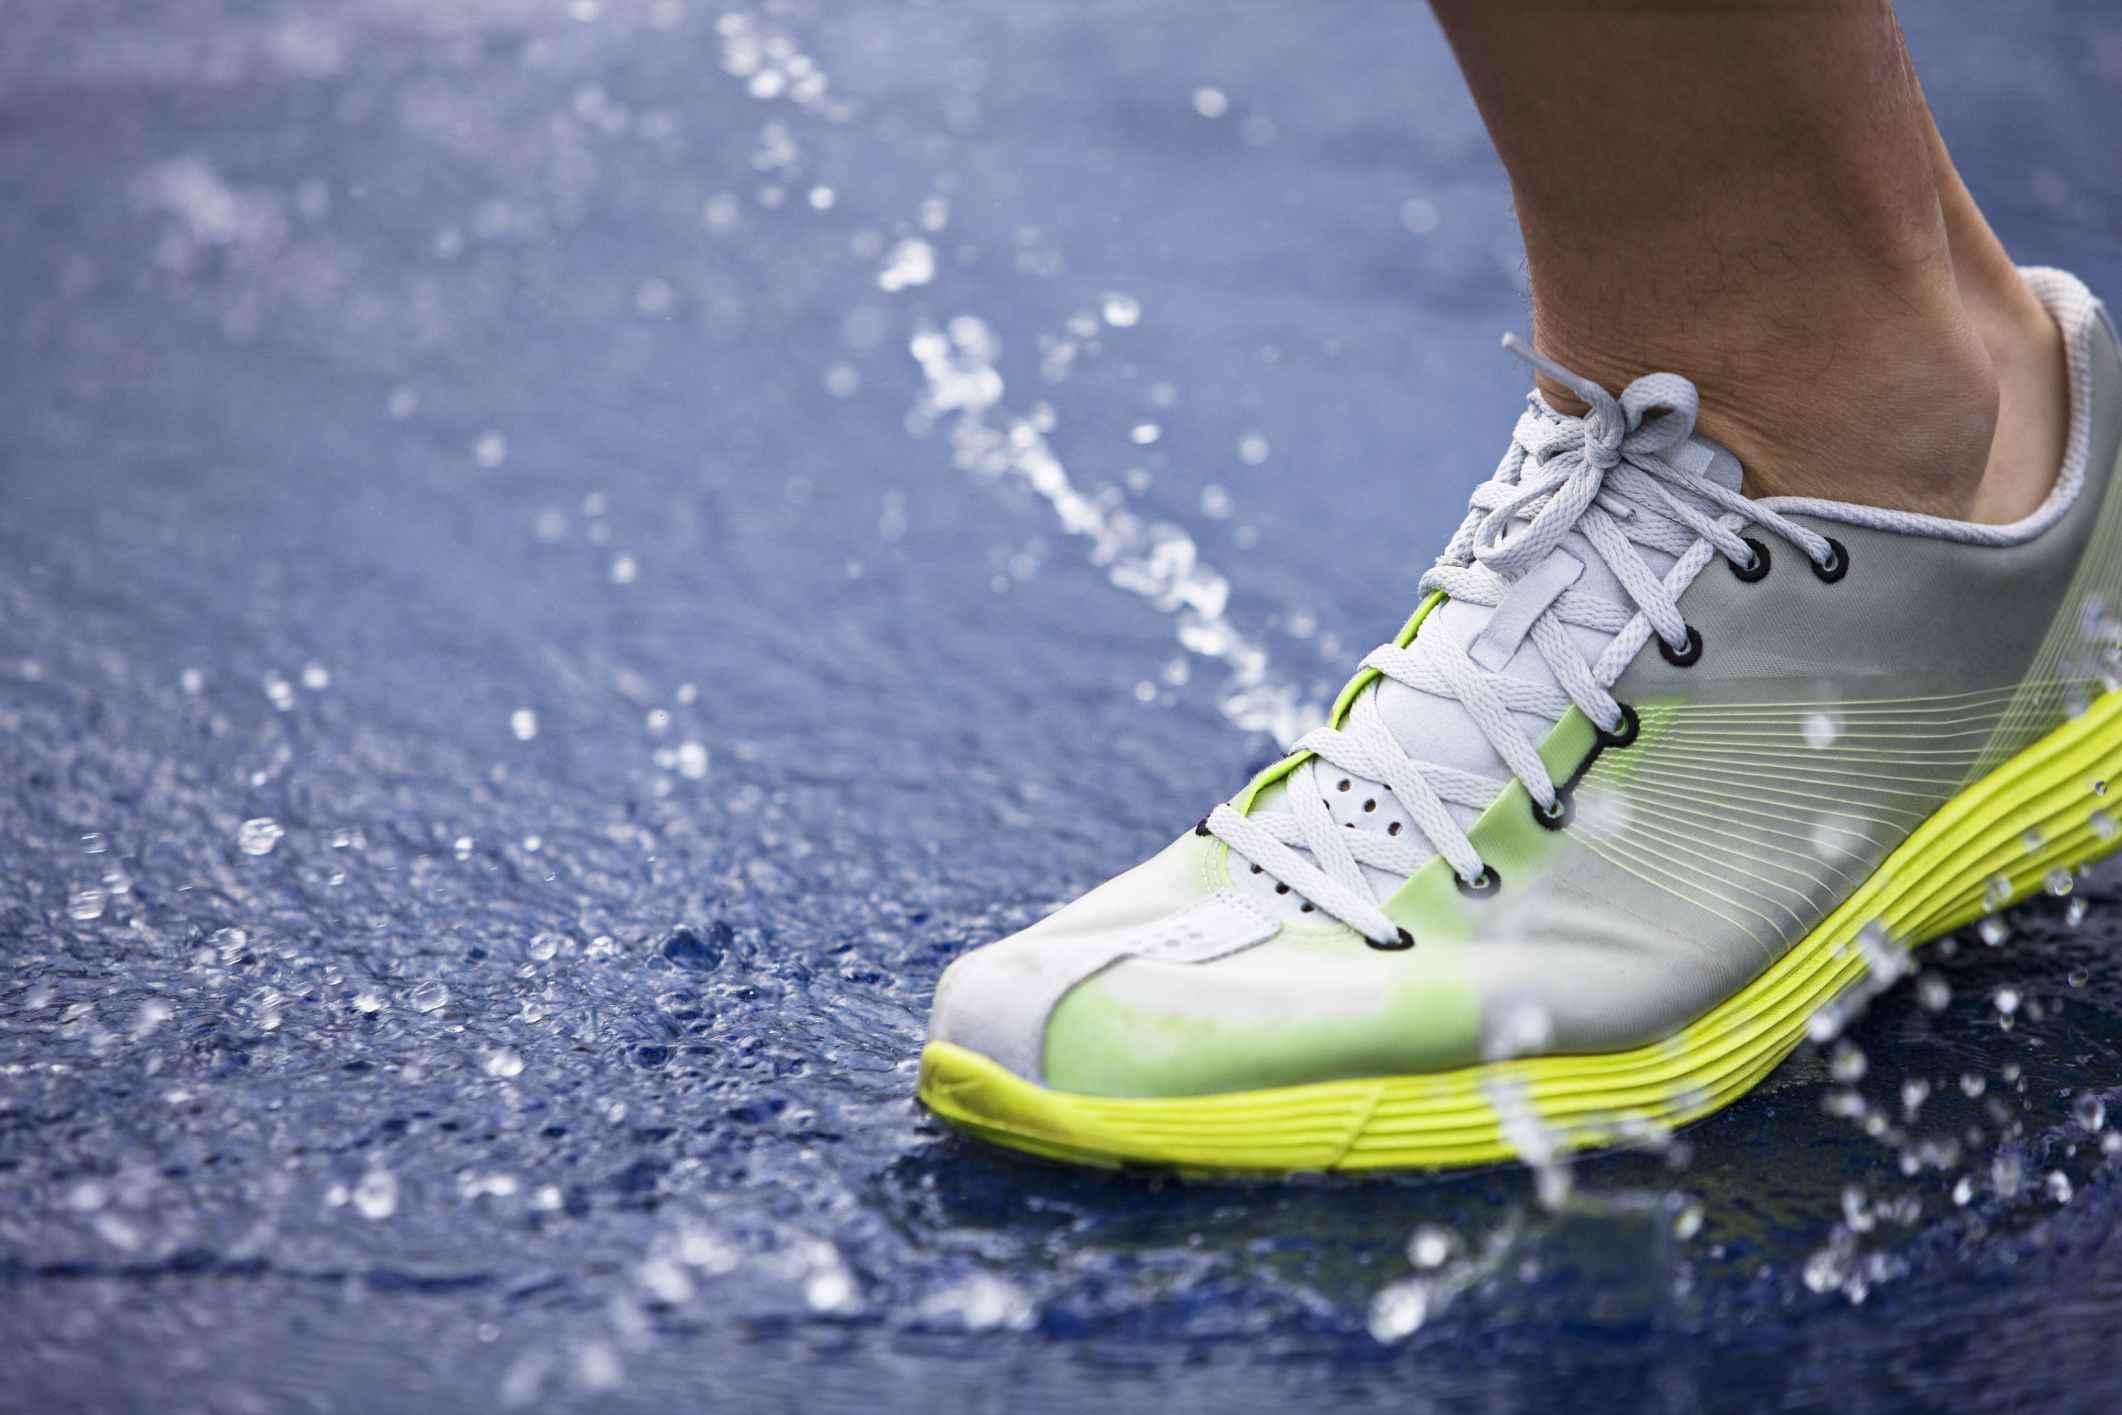 zapato para correr salpicaduras de agua